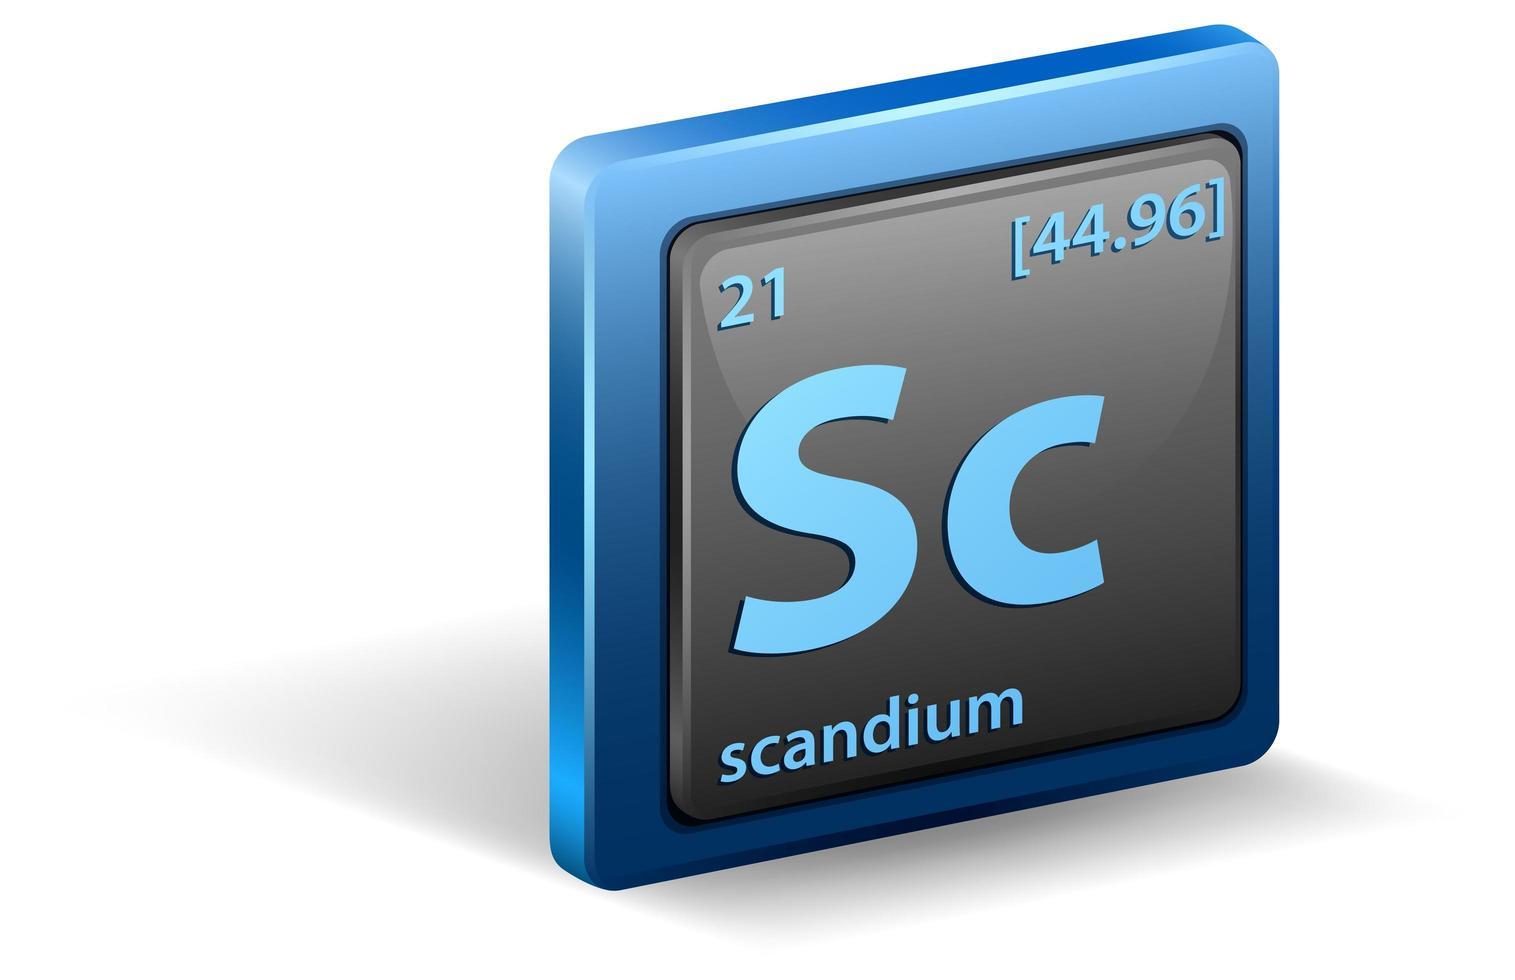 elemento químico escandio. símbolo químico con número atómico y masa atómica. vector